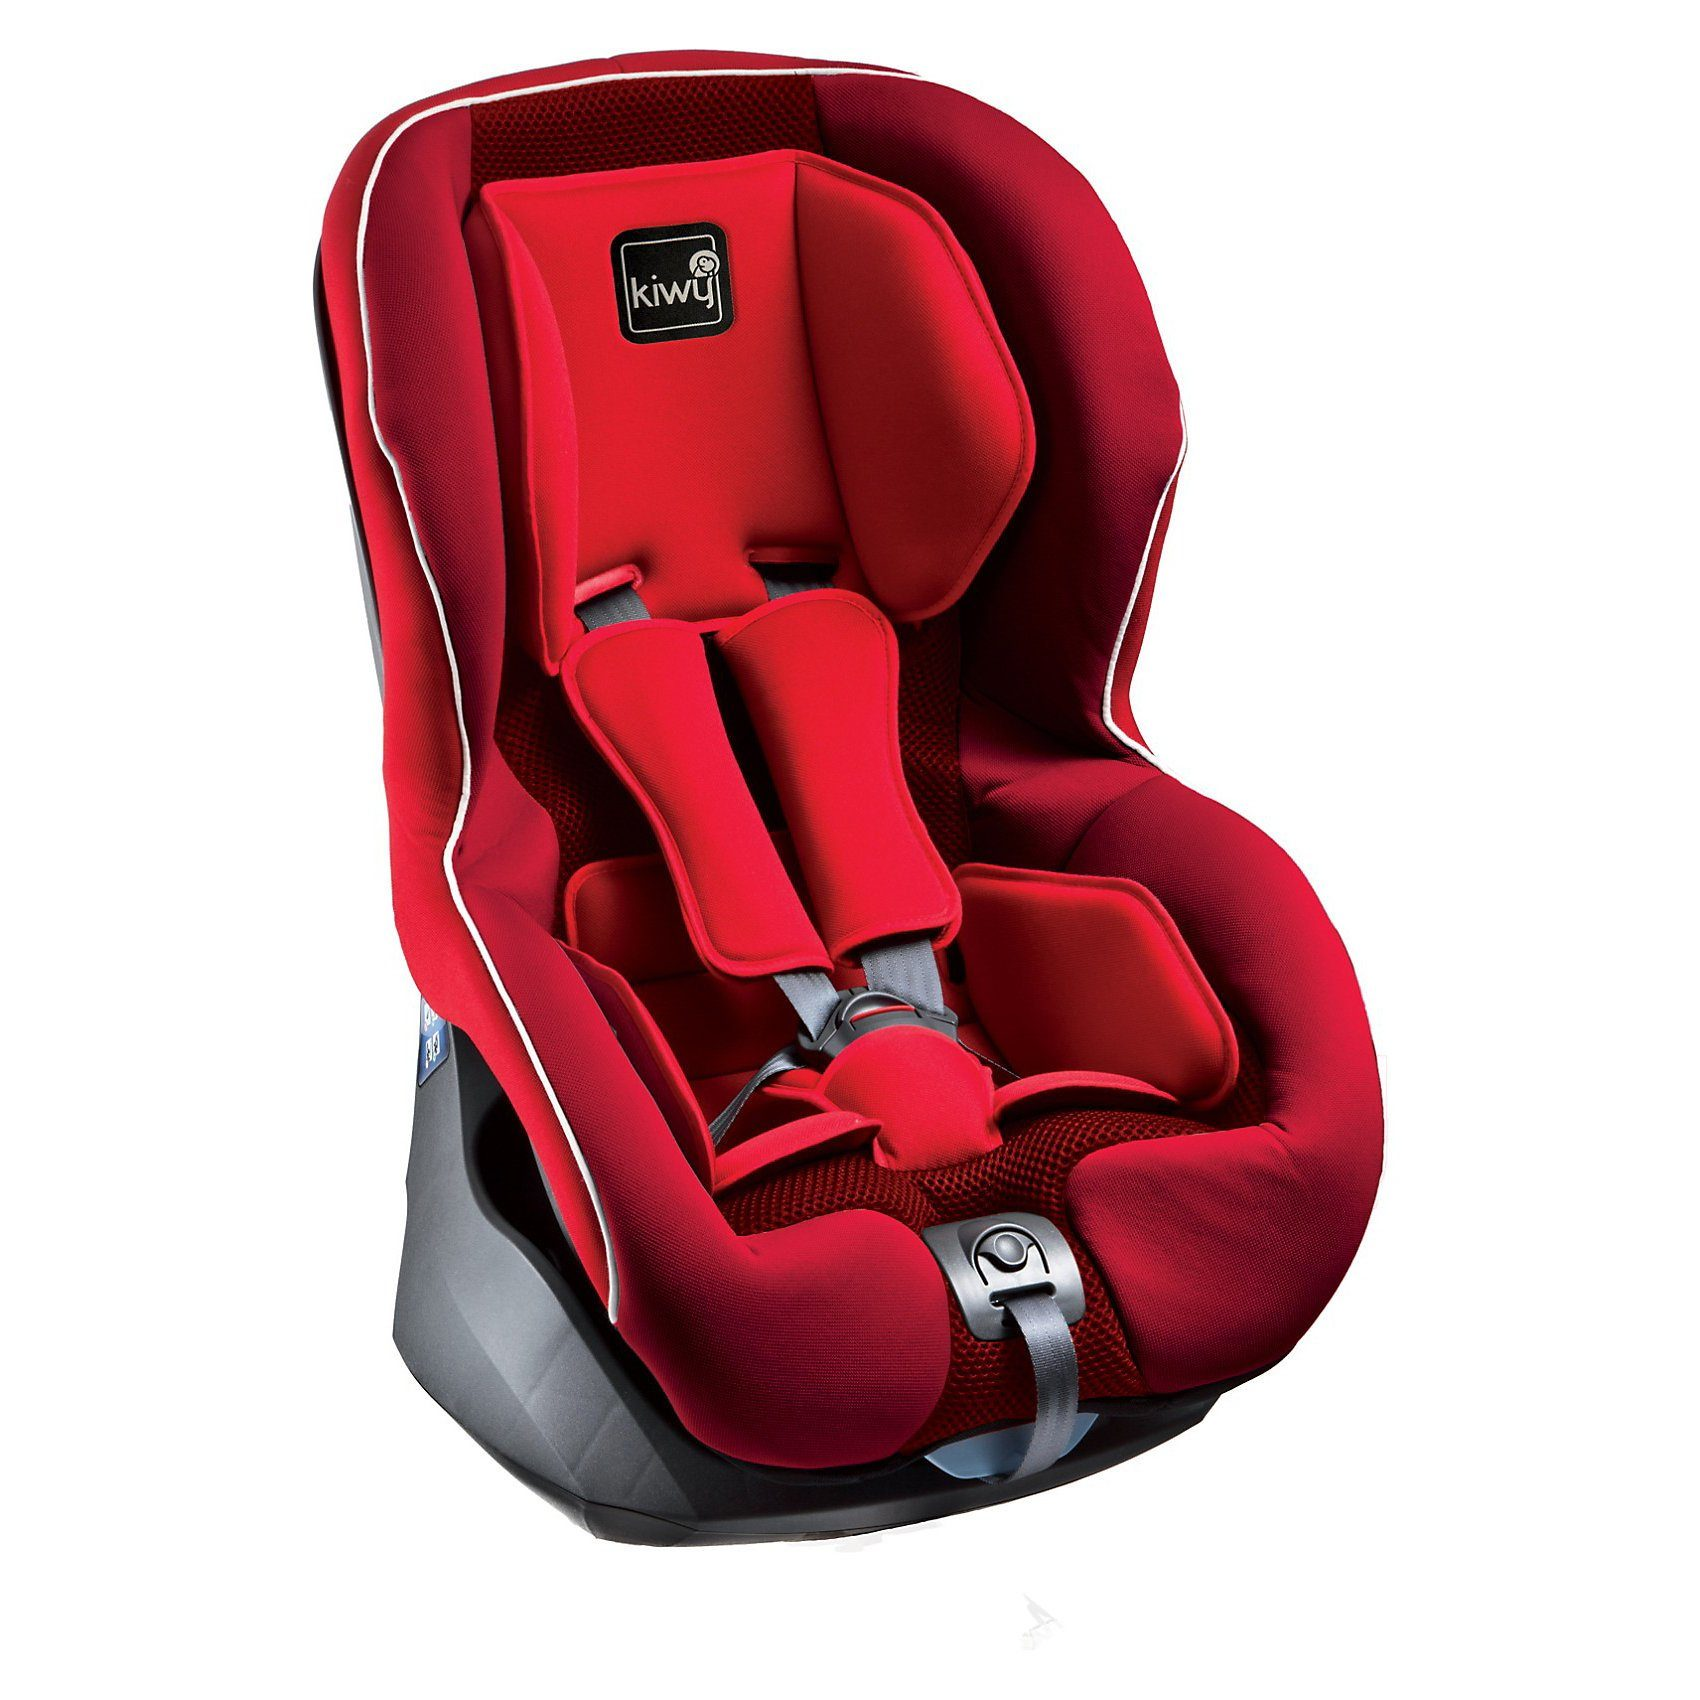 Kiwy Auto-Kindersitz SP1 SA-ATS, Cherry, 2017